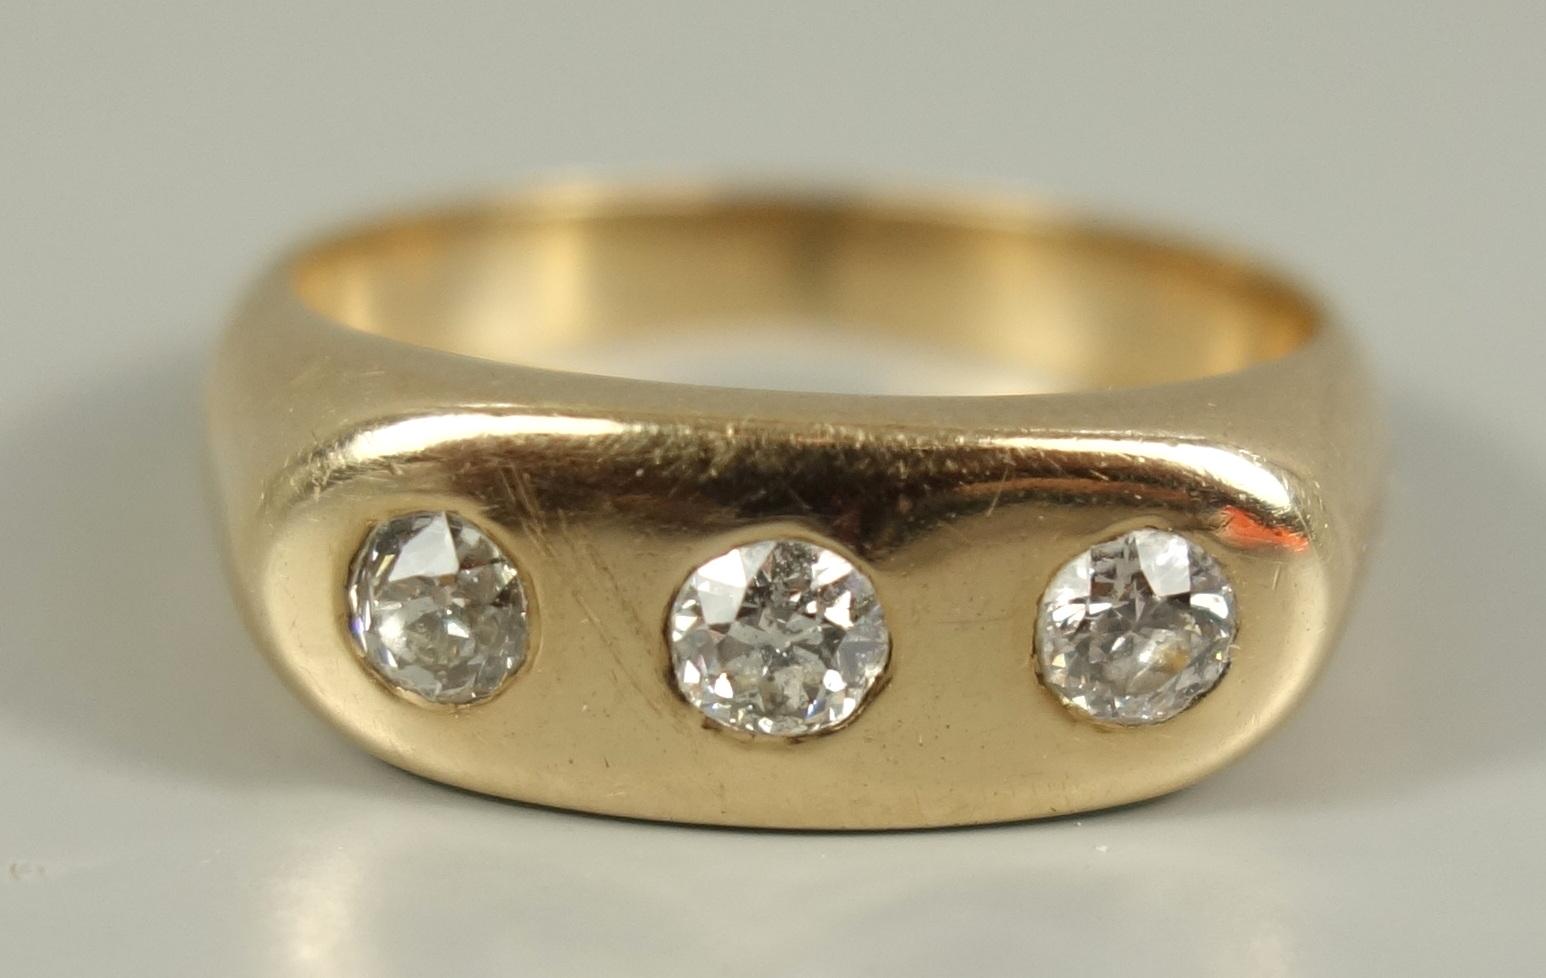 Ring mit 3 Diamant--Brillanten, 585er Gelbgold, Gew. 6,71g, total ca.0,45ct, massive Ringschiene, - Bild 2 aus 2